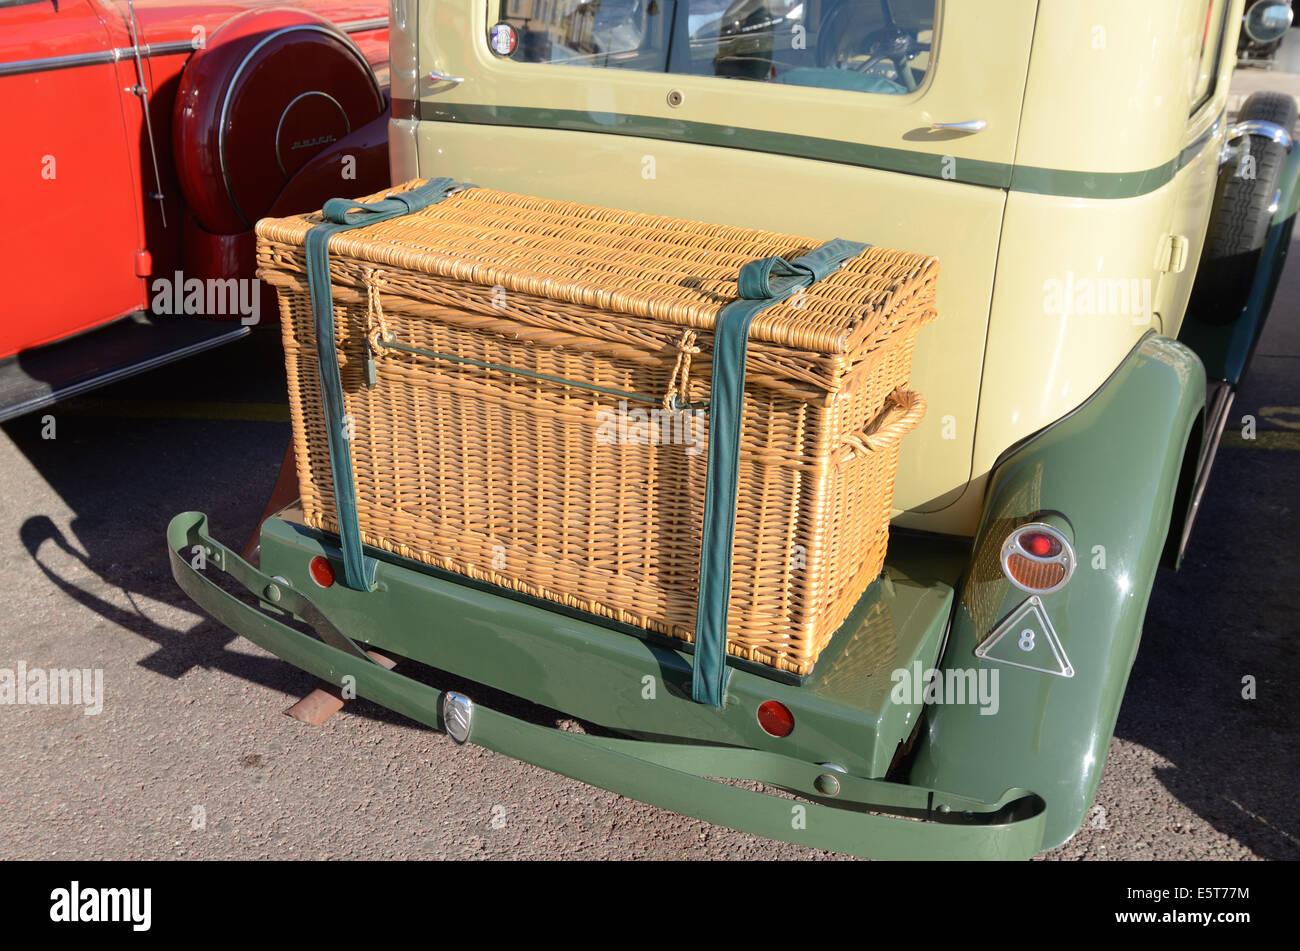 Vintage Wicker Gepäck Korb auf der Rückseite der Veteran 1933 Citroën oder Citroen Rosalie Auto oder Stockbild